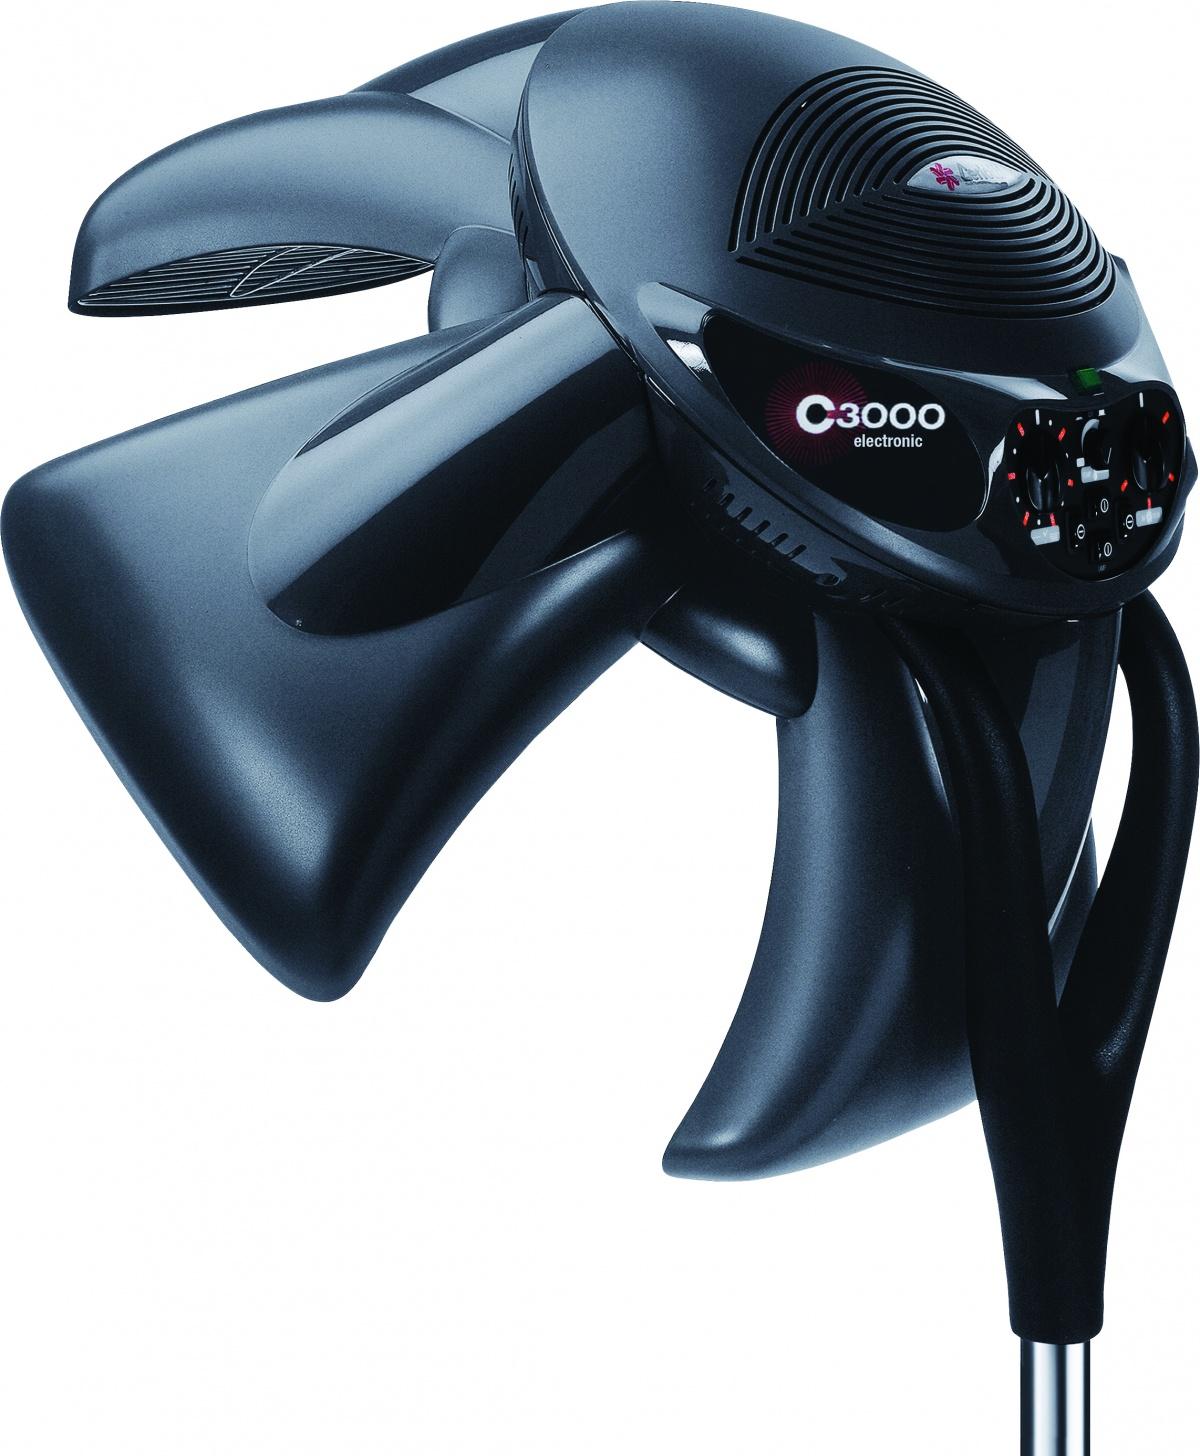 Ceriotti klimazón C 3000 electronic